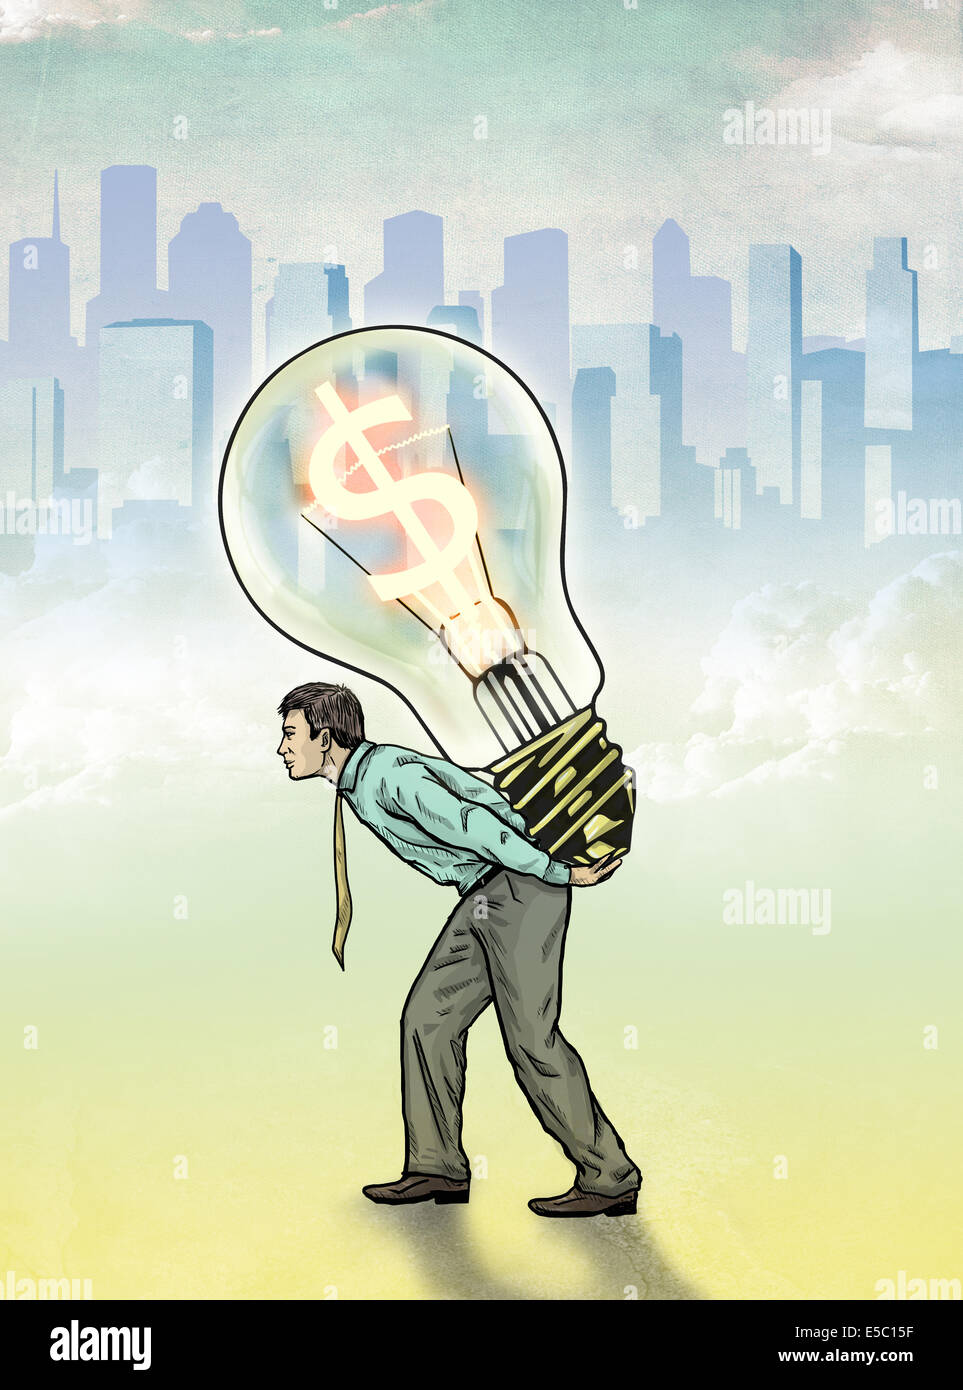 Image d'illustration de businessman carrying ampoule avec dollar symbole représentant le profit Banque D'Images